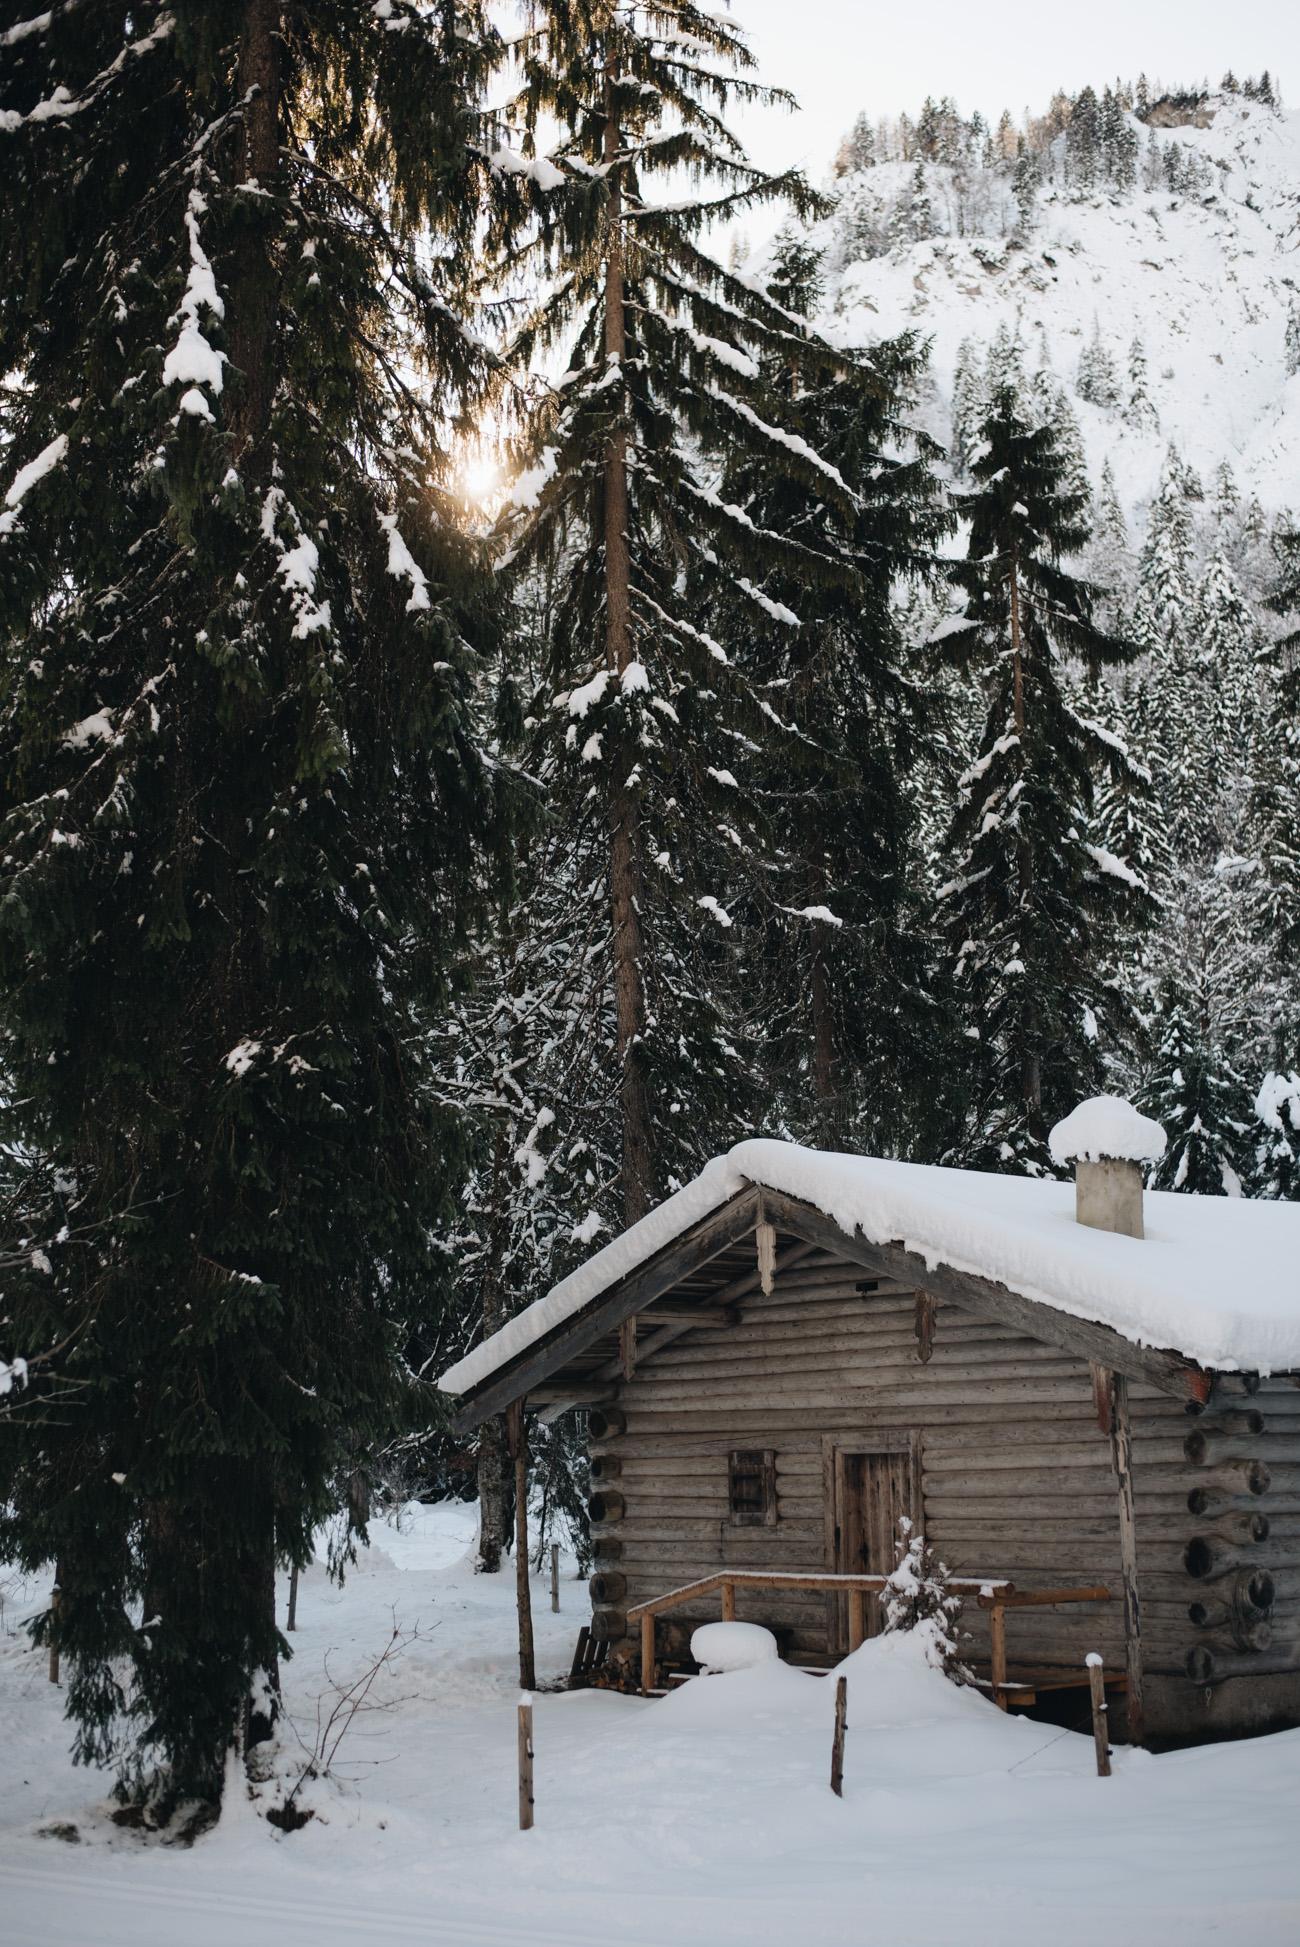 7 schöne Reiseziele für Weihnachten & Silvester